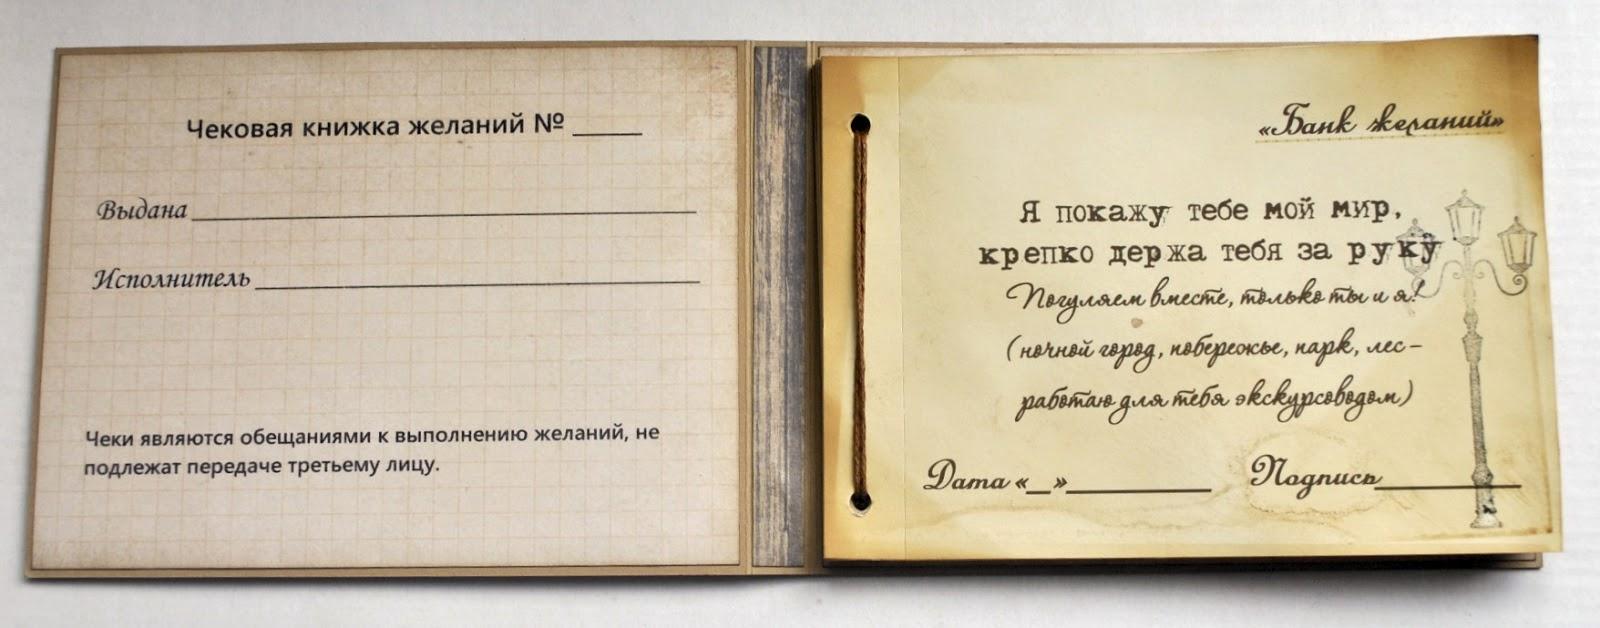 Эльфы на новый гЧековая книжка желаний для